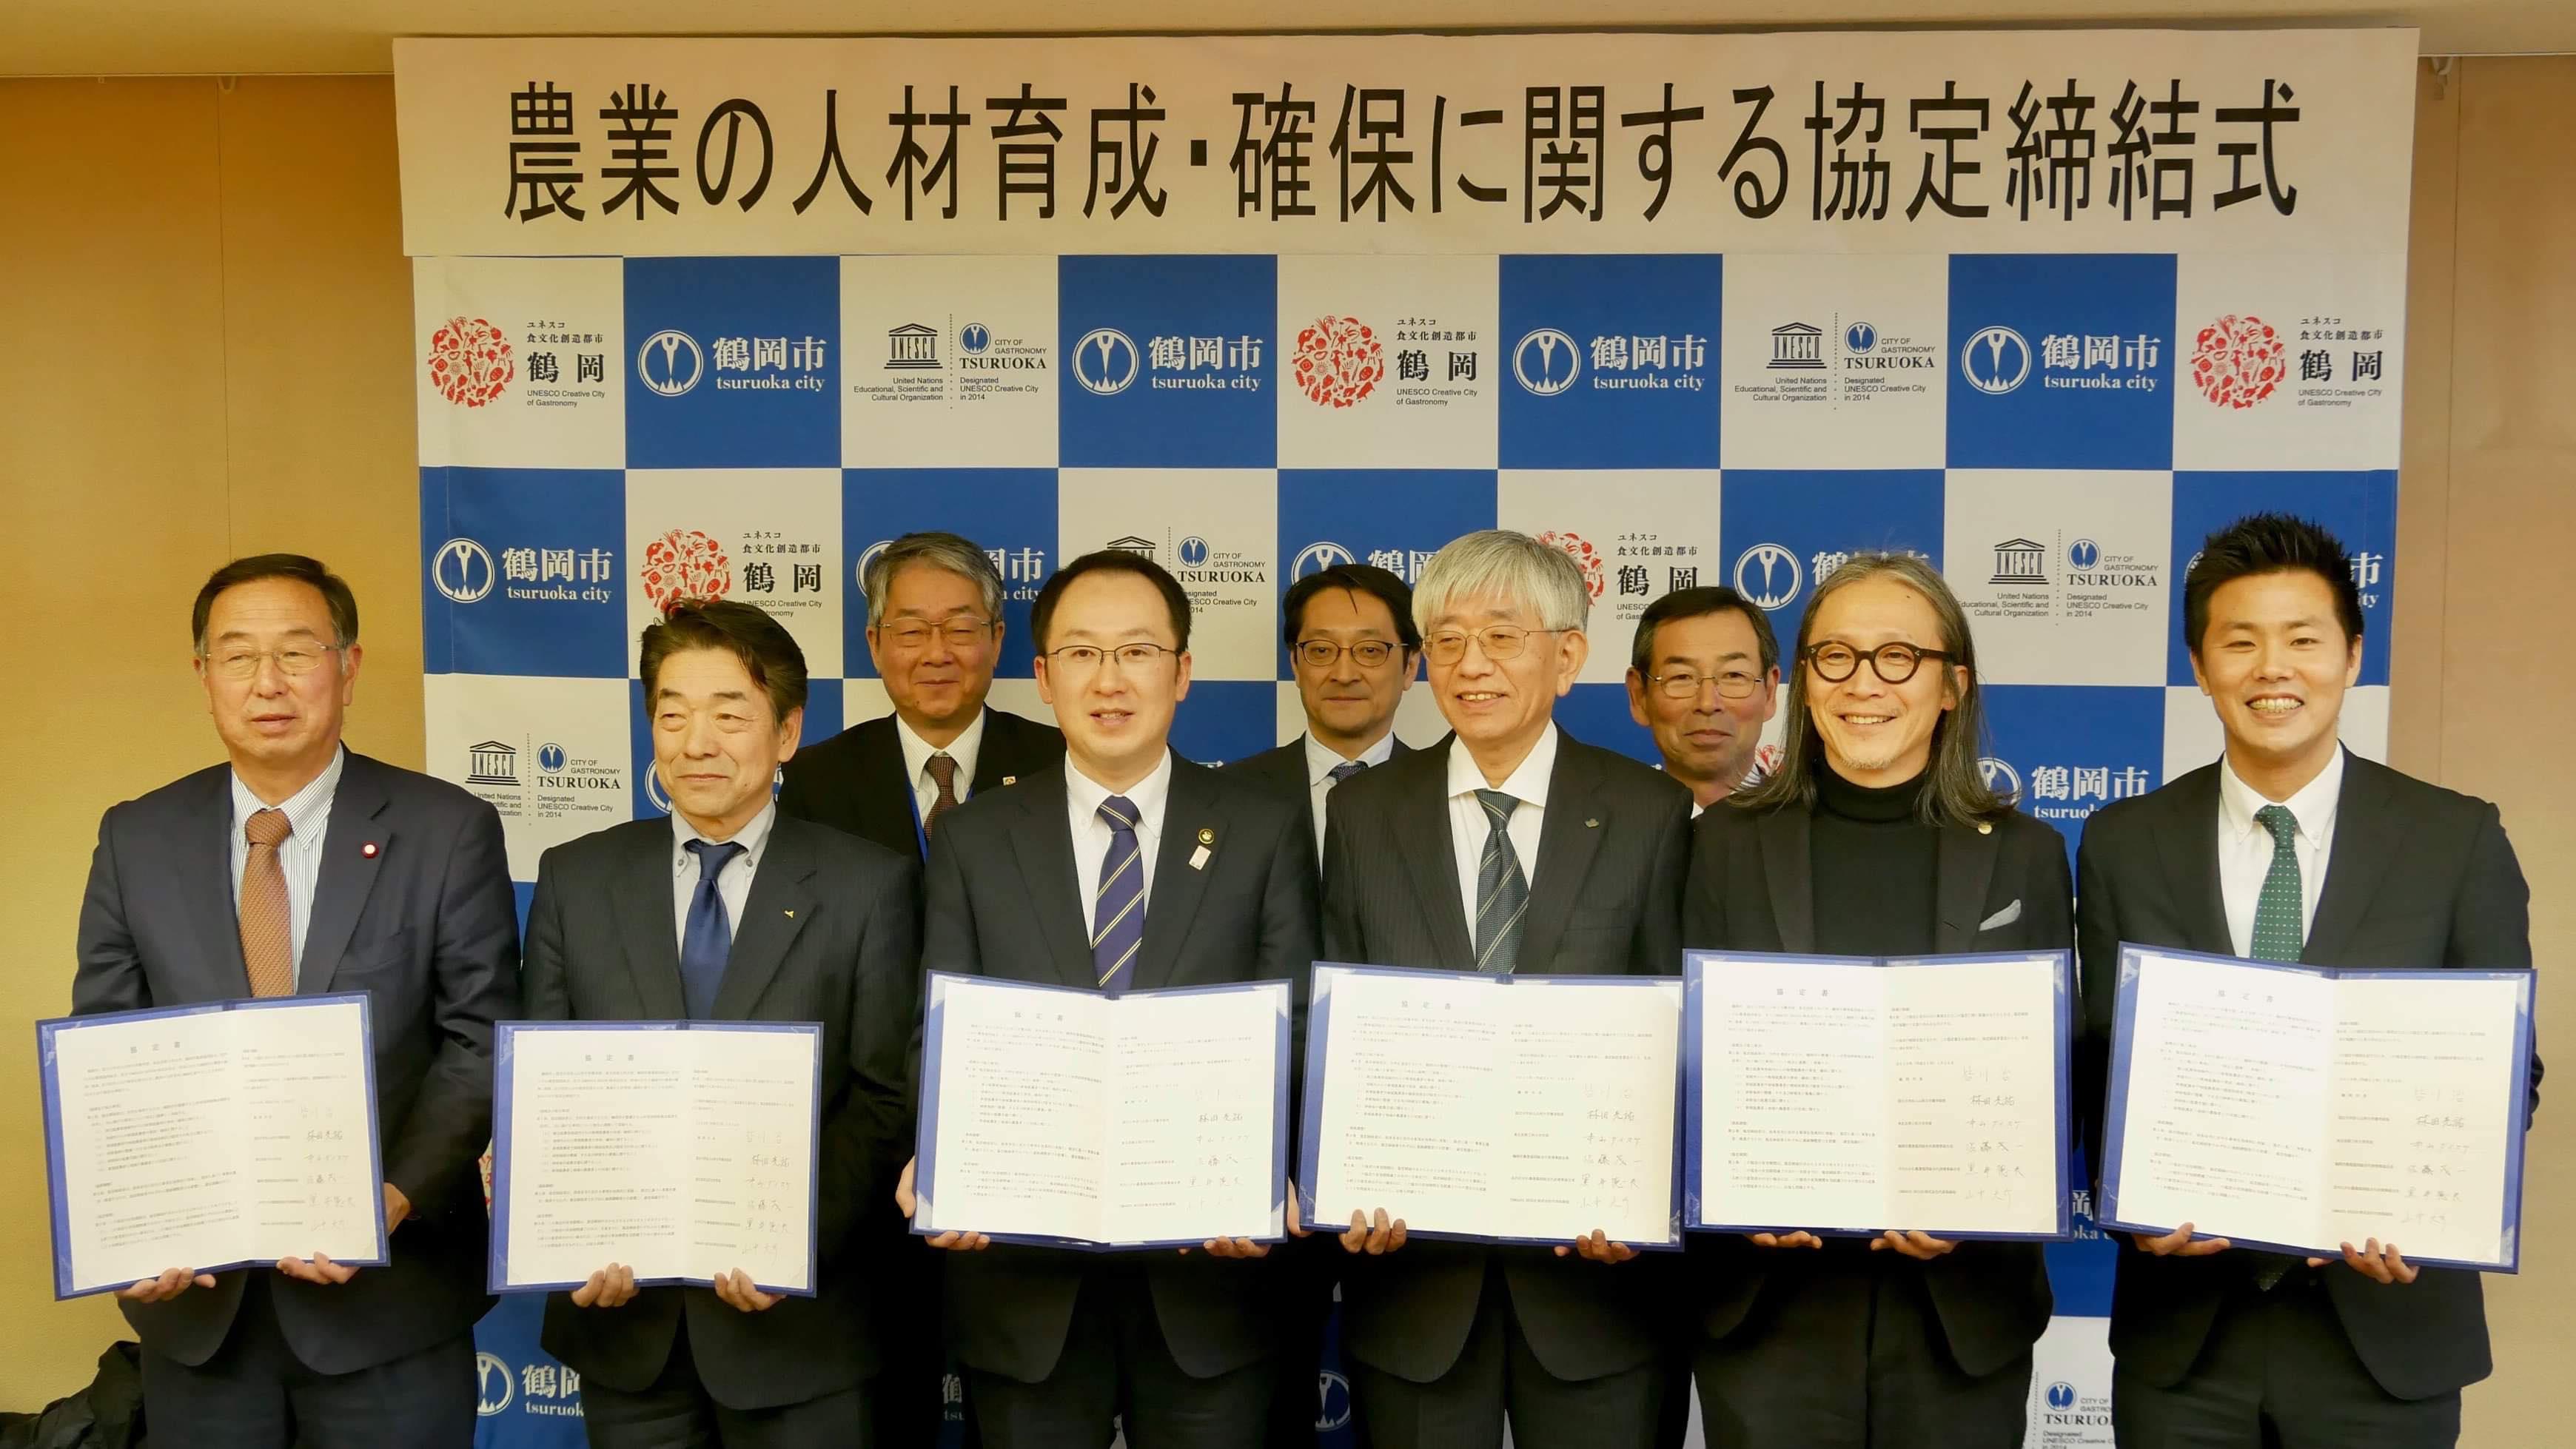 地域農業の担い手育成と確保の連携協定が締結